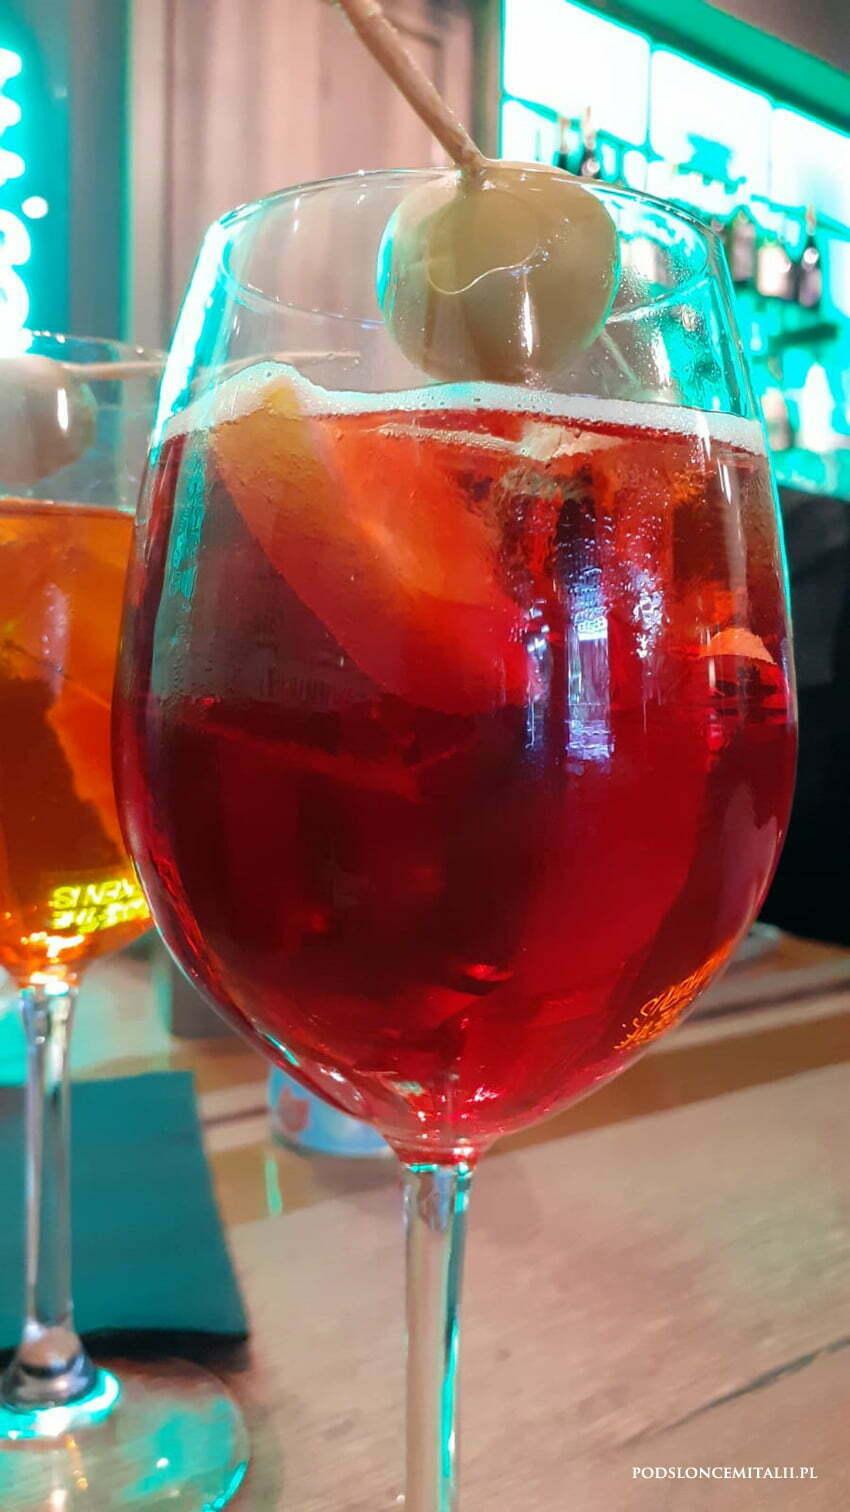 Nie Aperol i nie Campari, w Wenecji do Spritza dodaje się Select